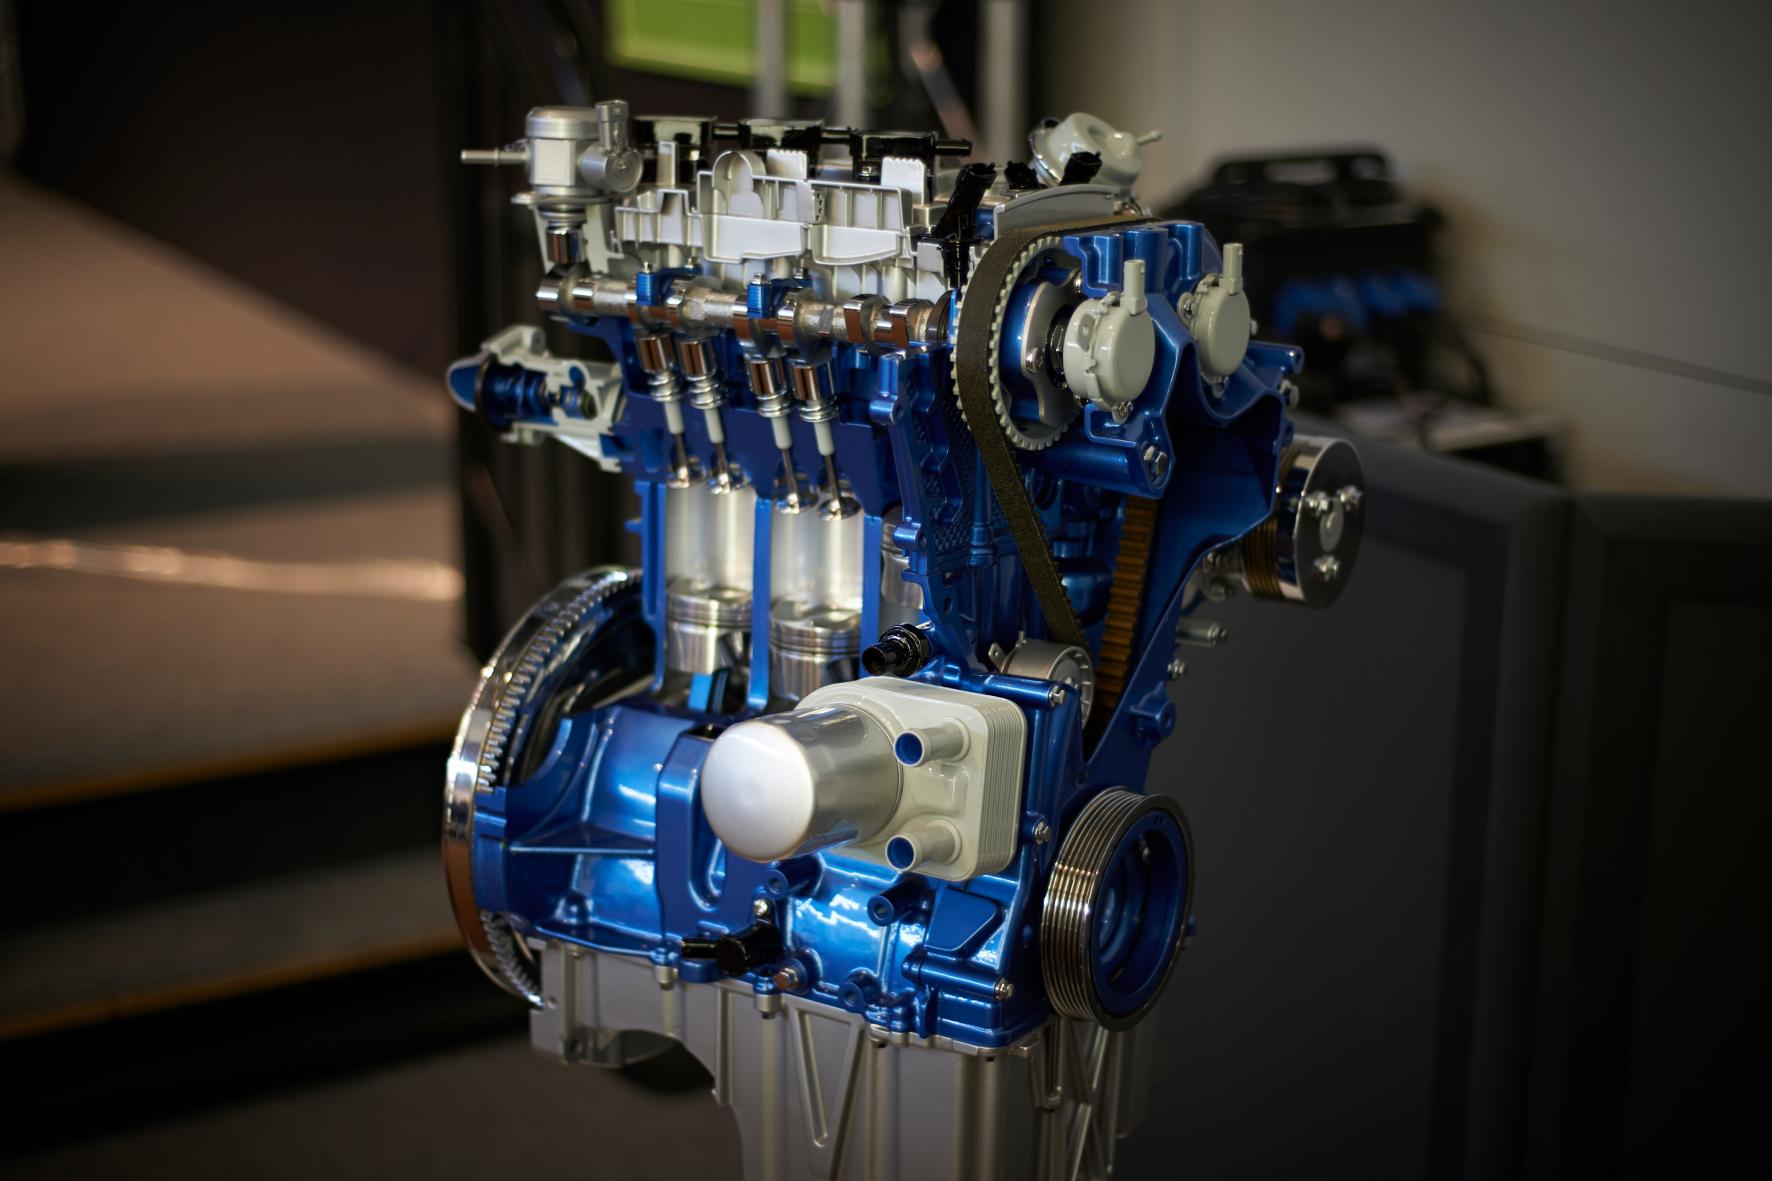 mid Groß-Gerau - Mit dem kleinen 1,0-Liter-Dreizylinder ist Ford seit Jahren Seriensieger bei der Wahl zum Motor des Jahres.